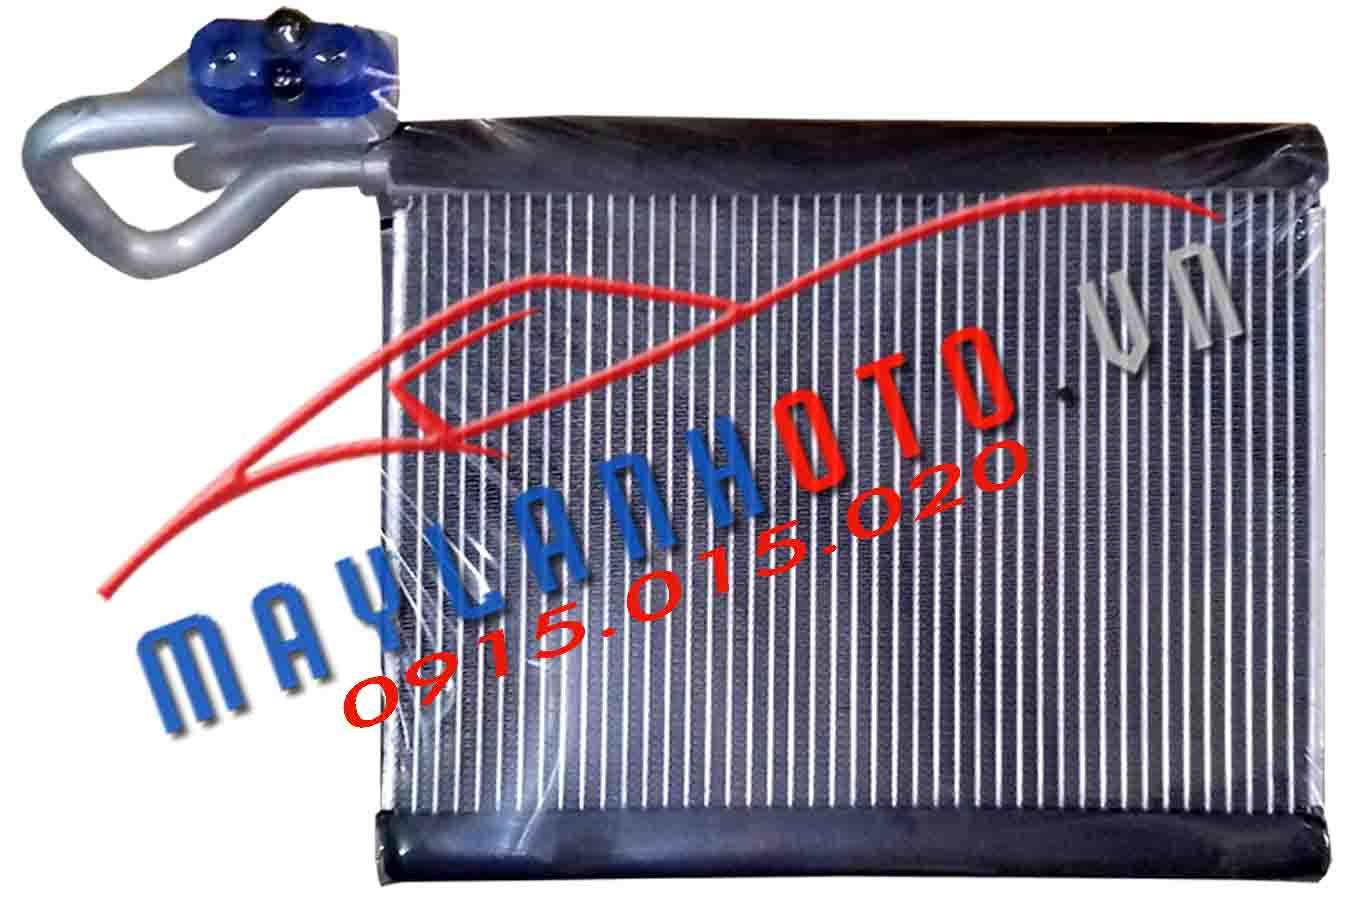 BMW X5 2007 / Dàn lạnh BMW X5 2007 / Giàn lạnh BMW X5 2007